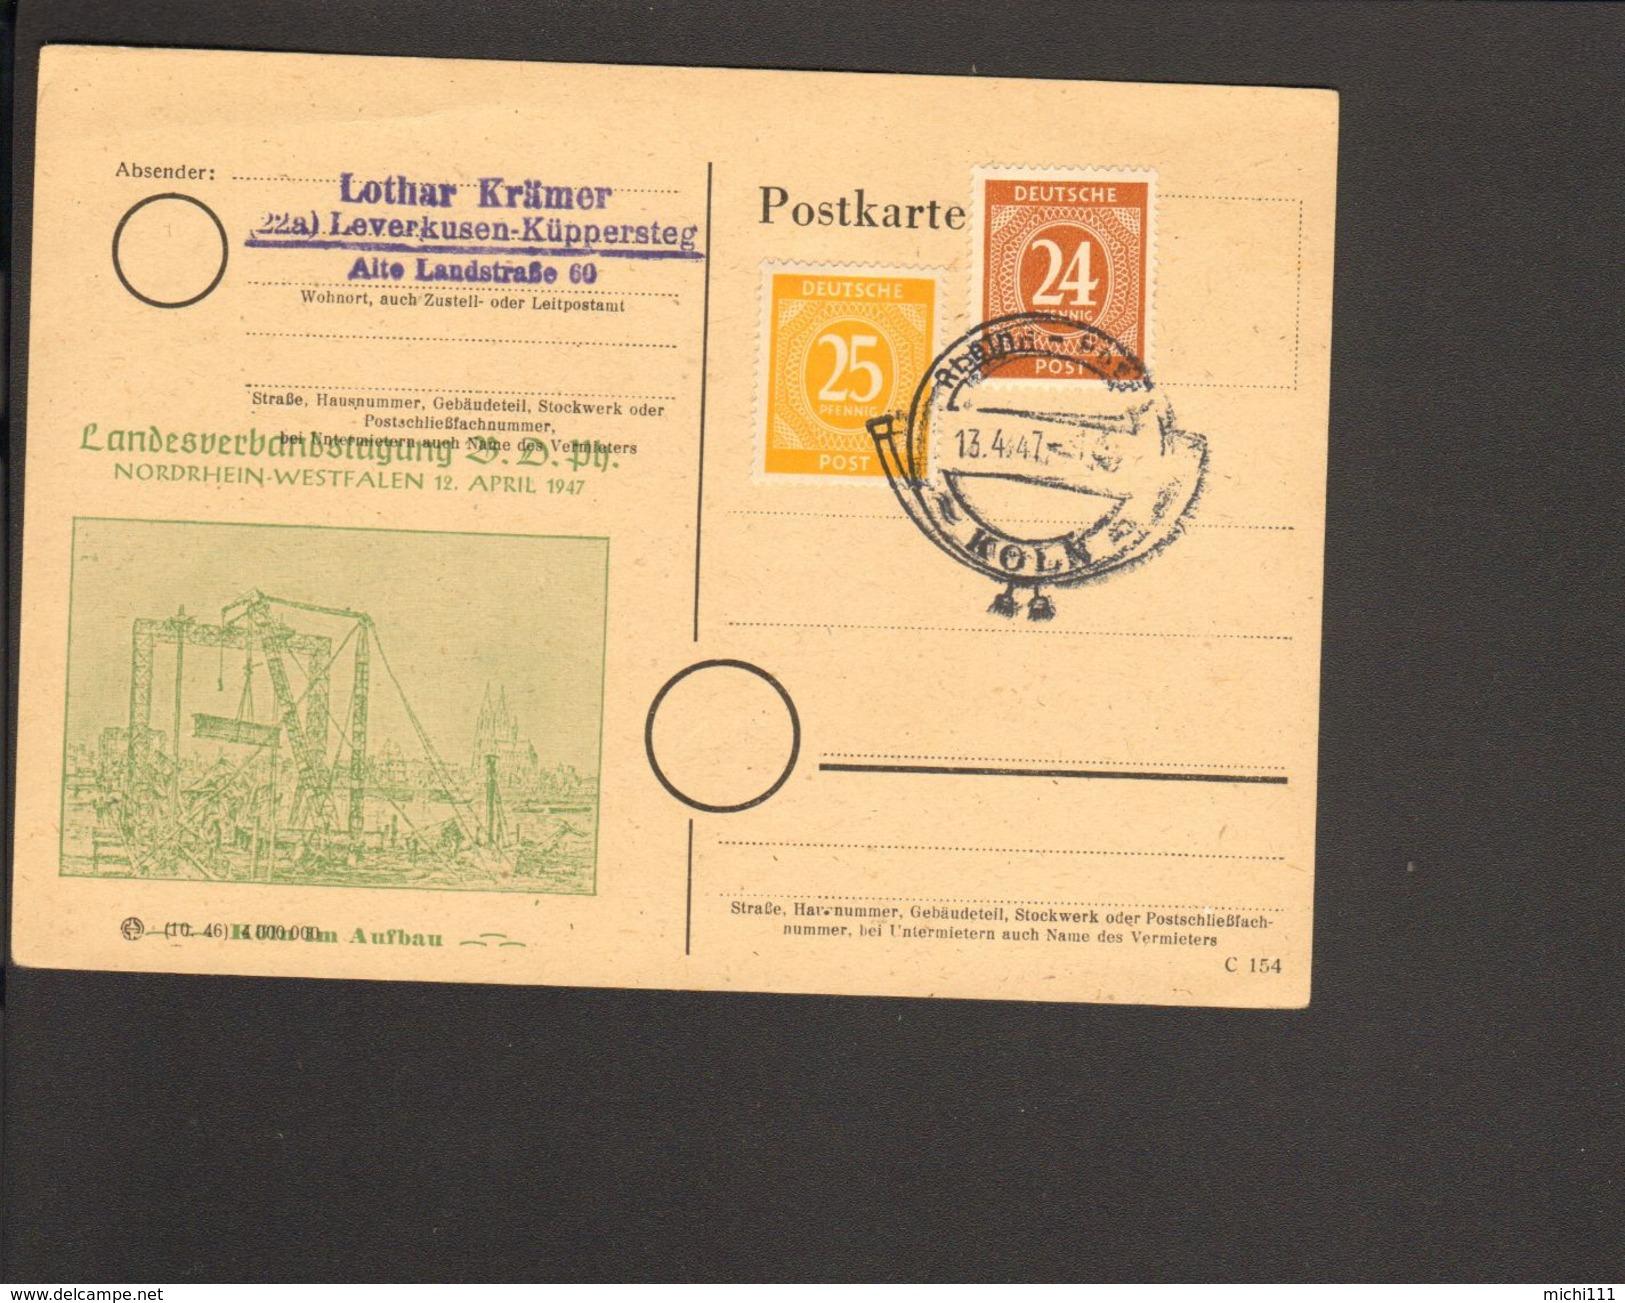 Alli.Bes. 24 U.25 Pfg.Ziffer Auf Postkarte Mit Sonderstempel Rhein-Posta Köln Von 1947 2 Bilder - Zone AAS